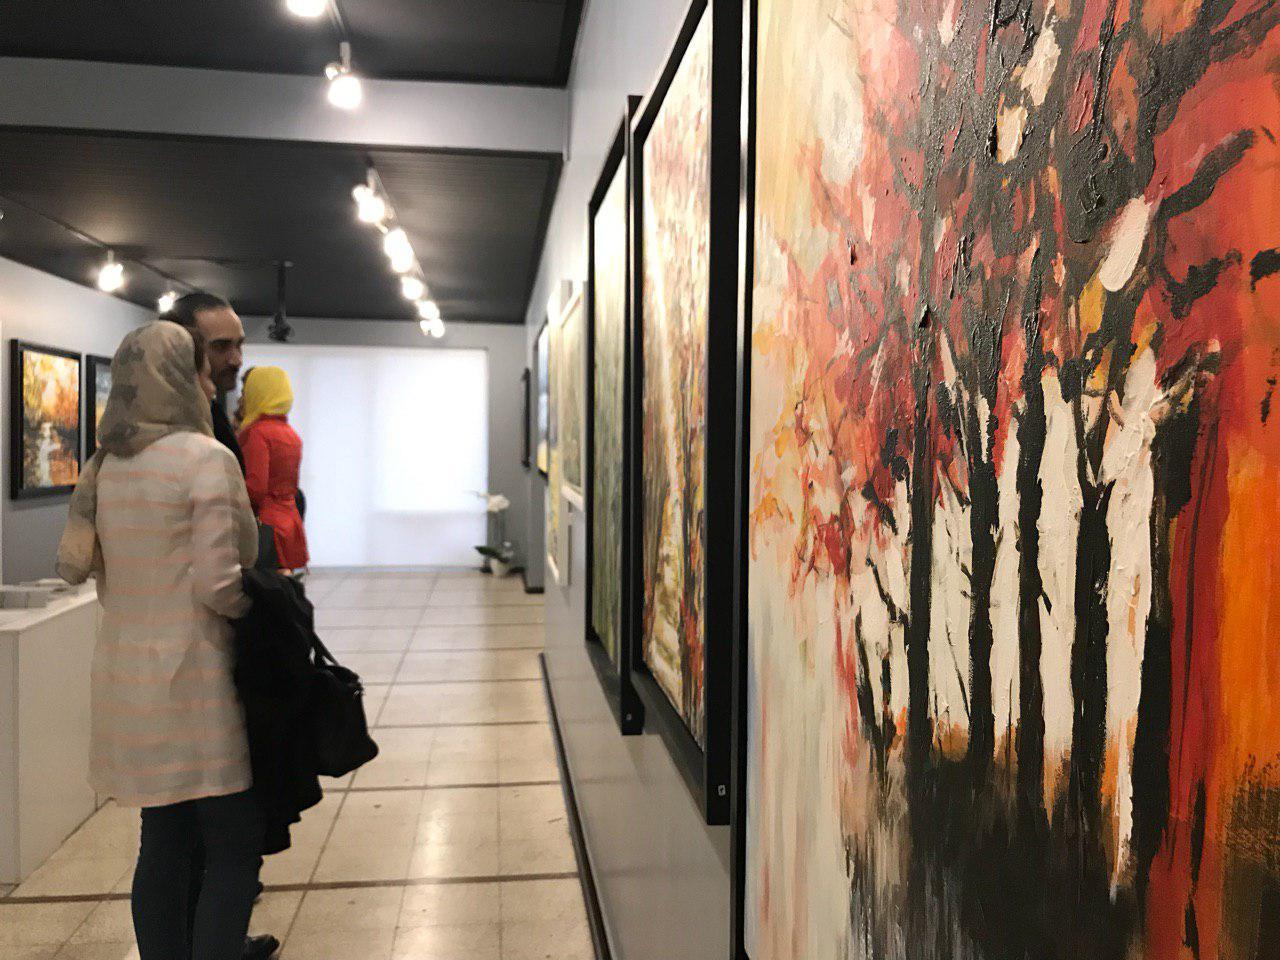 گزارش تصویری نمایشگاه نقاشی های بهروز بلوری